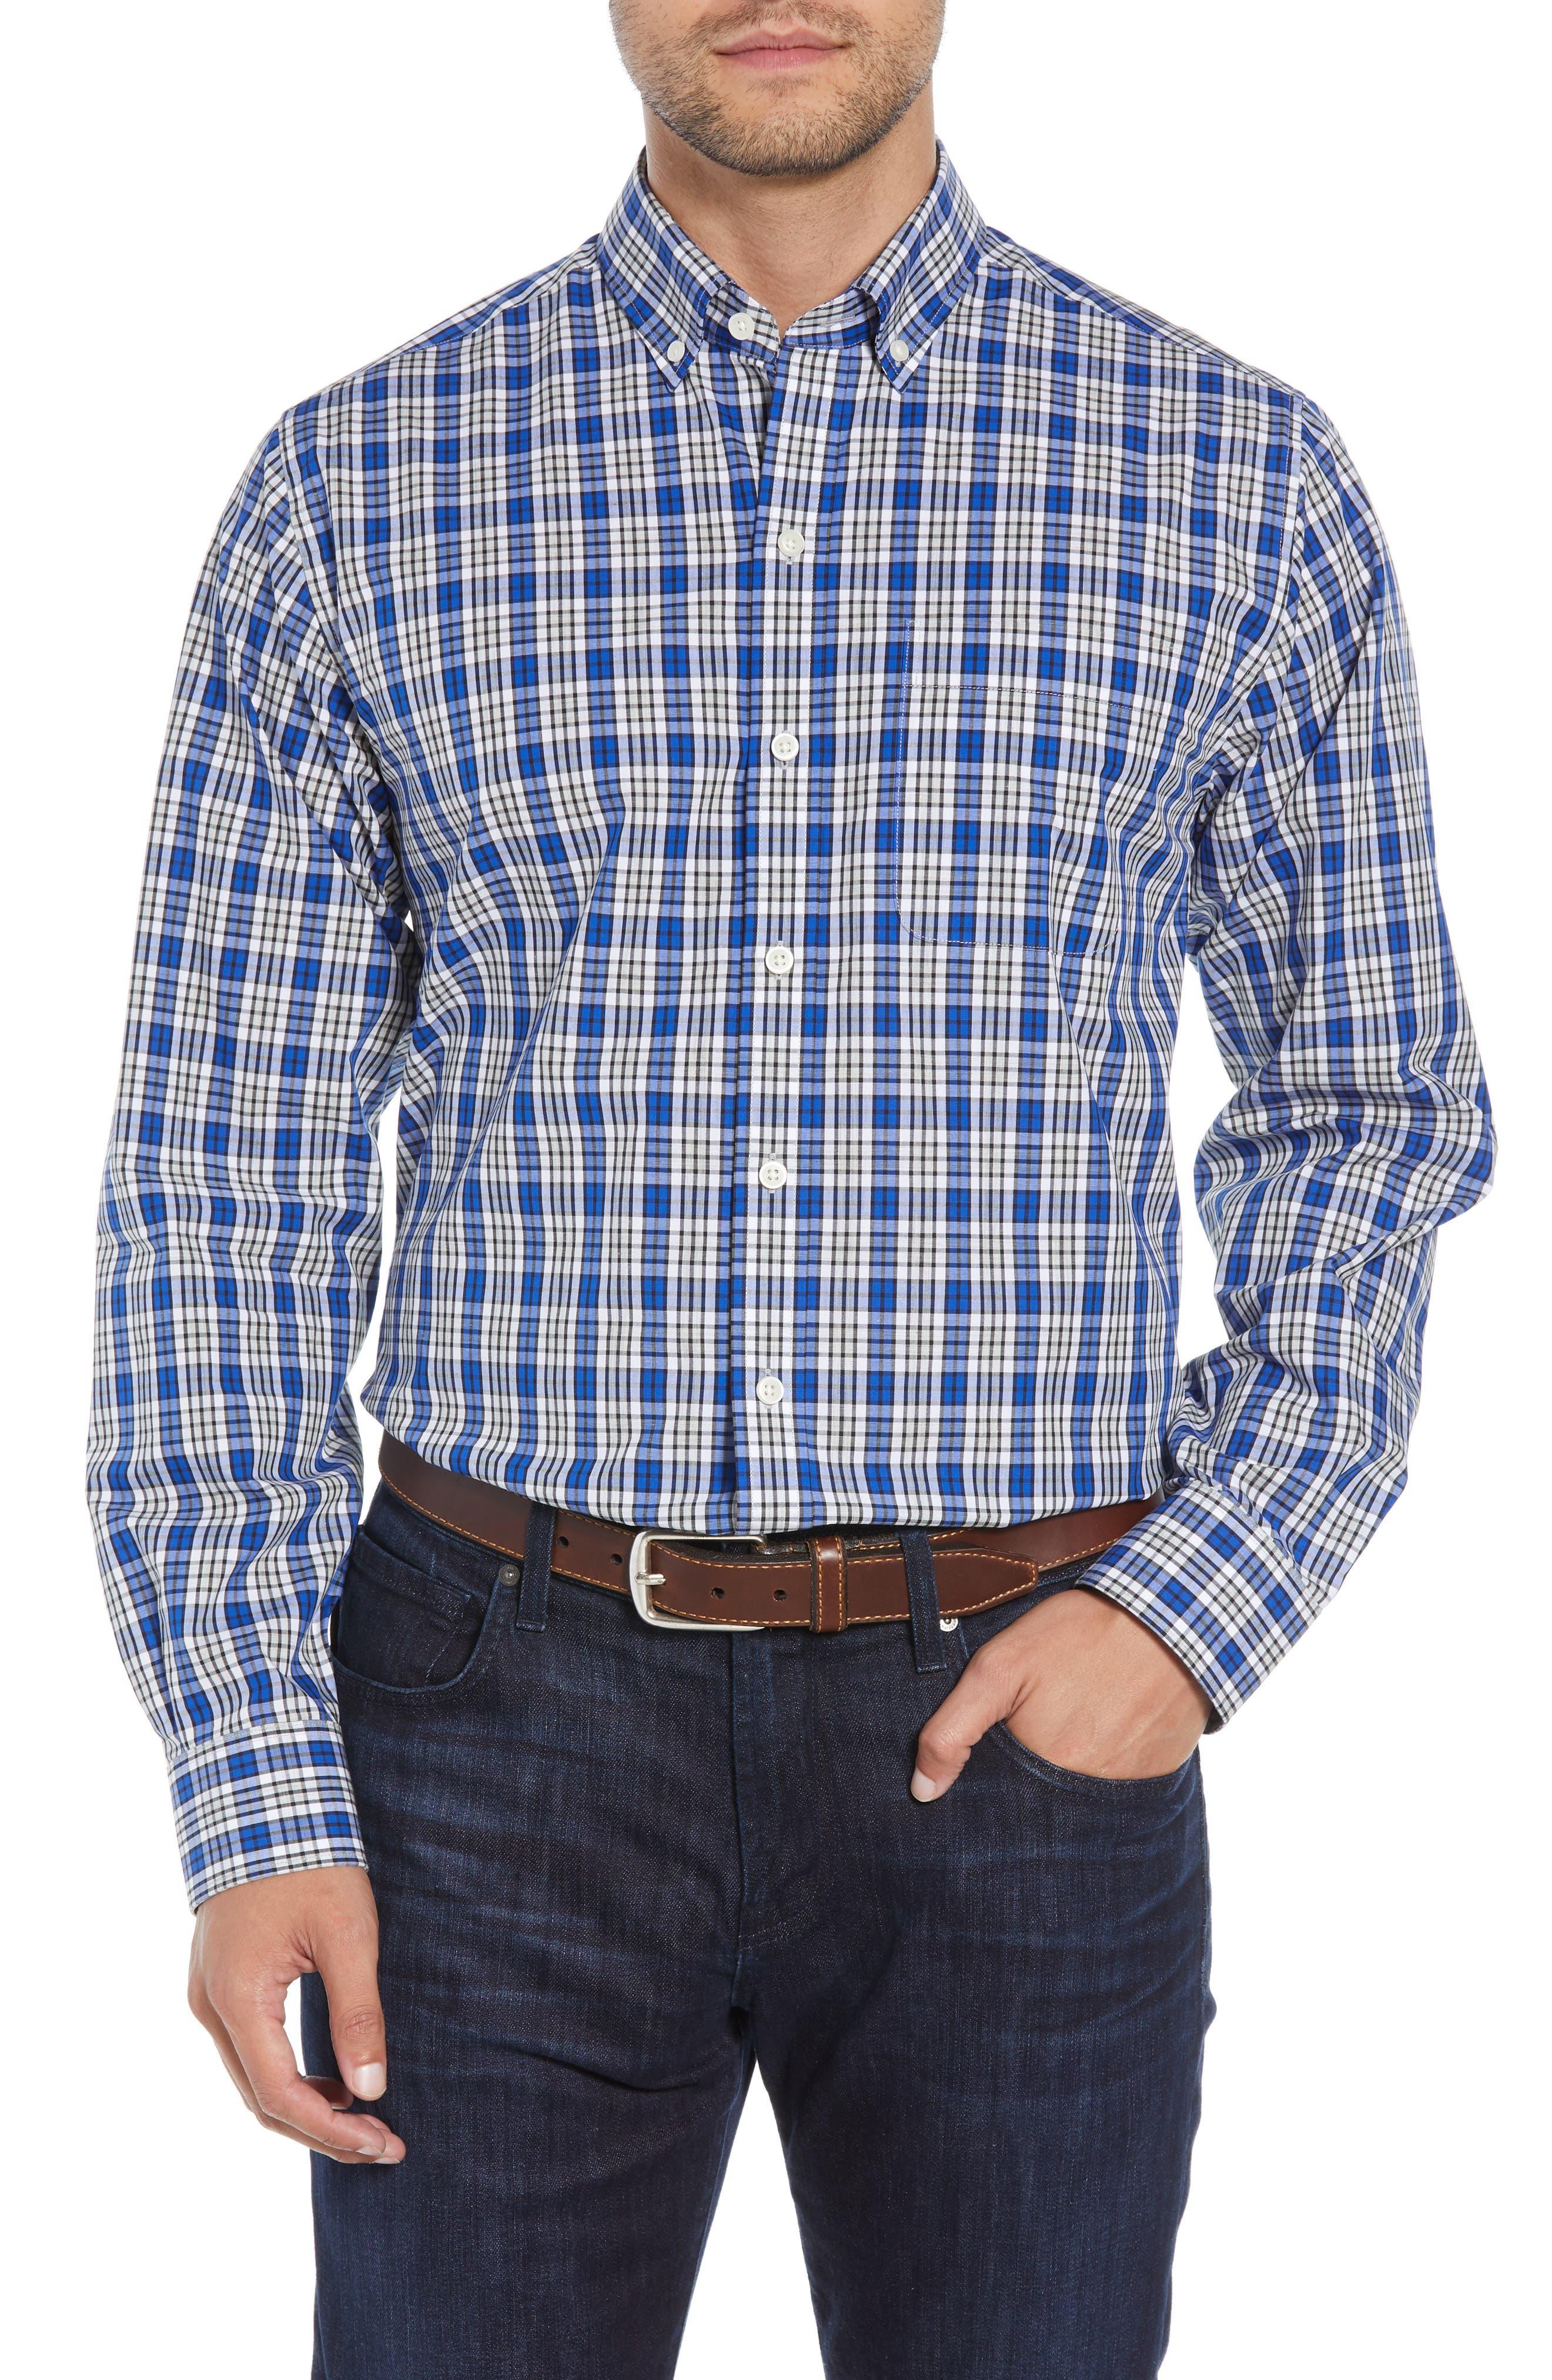 Cutter & Buck Harris Regular Fit Non-Iron Plaid Sport Shirt, Blue